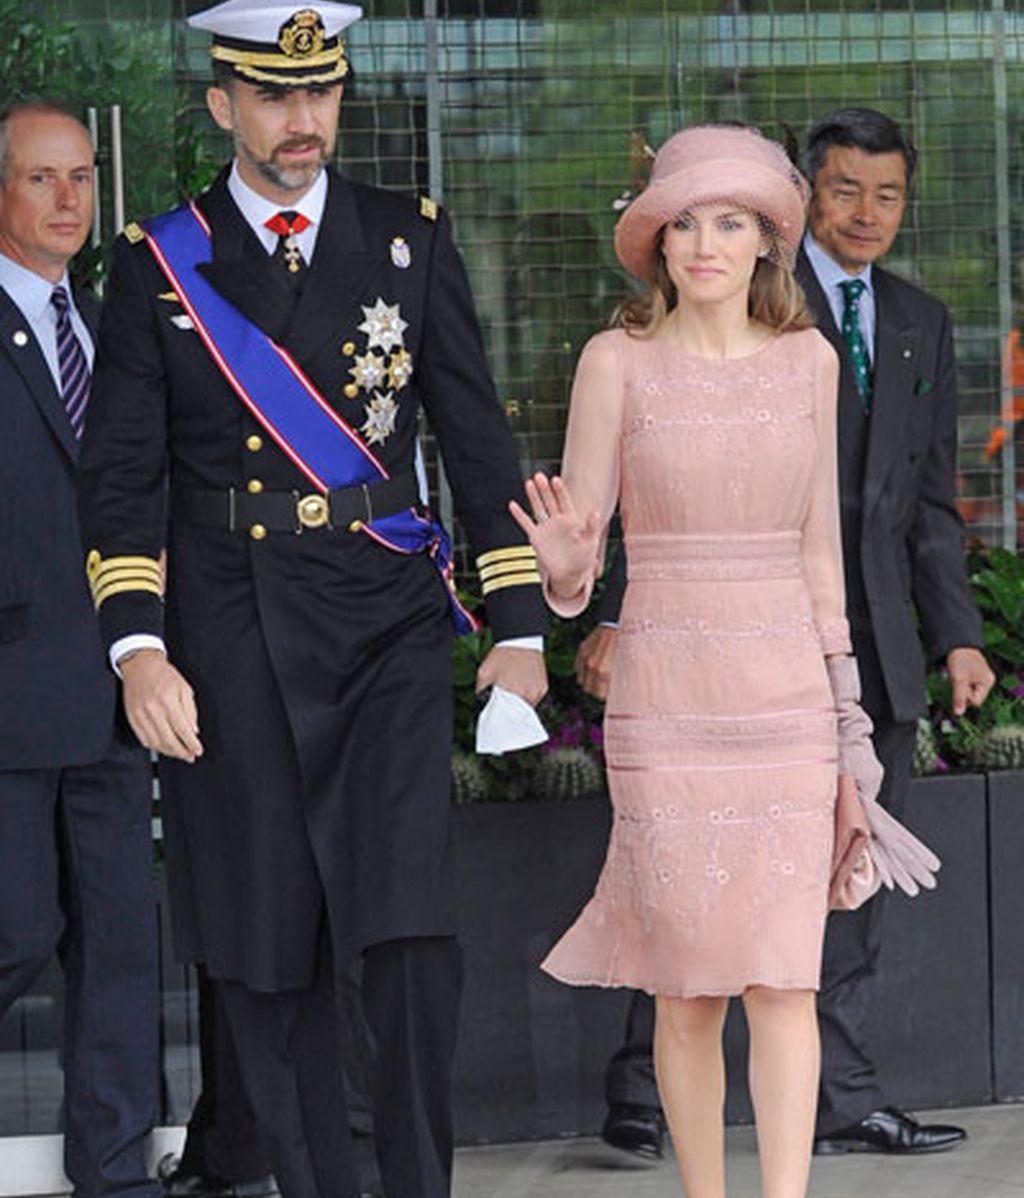 Don Felipe y doña Letizia, a la salida del hotel, camino de Westminster